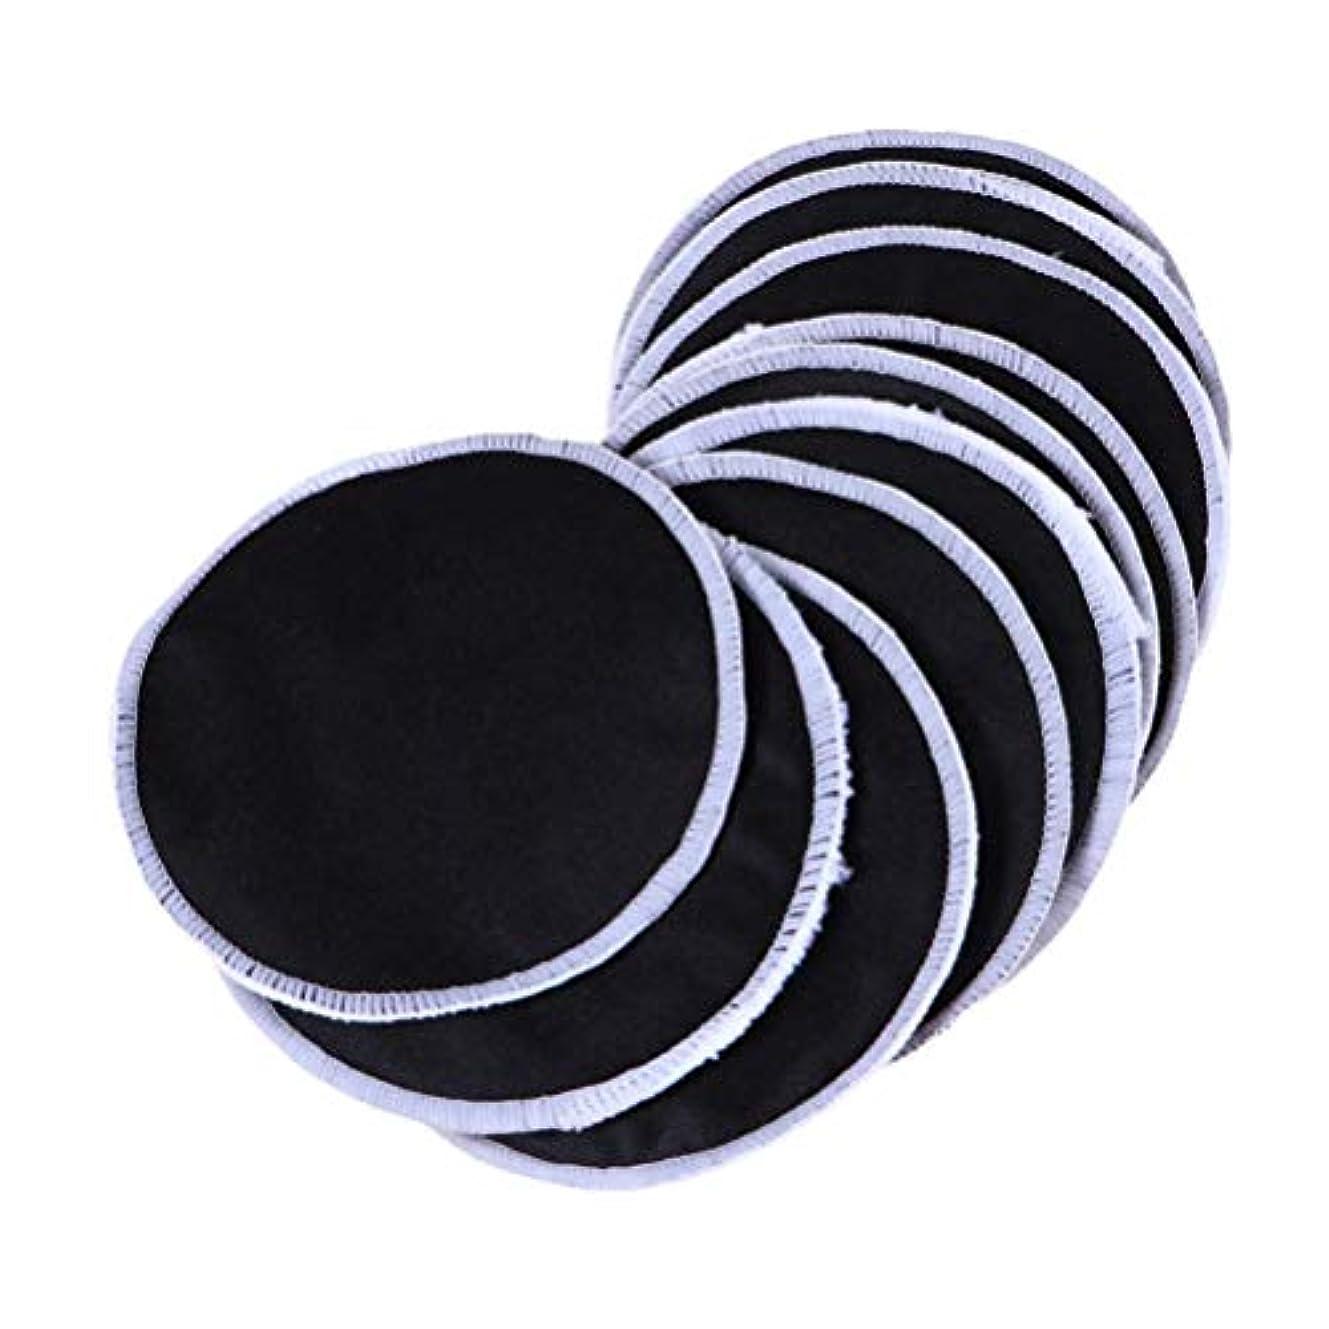 出発する説教する多くの危険がある状況Frcolor 14pcs竹化粧リムーバーパッド3層再利用可能な綿ラウンドパッドクレンジングワイプウォッシャブルクリーンスキンケア(黒)